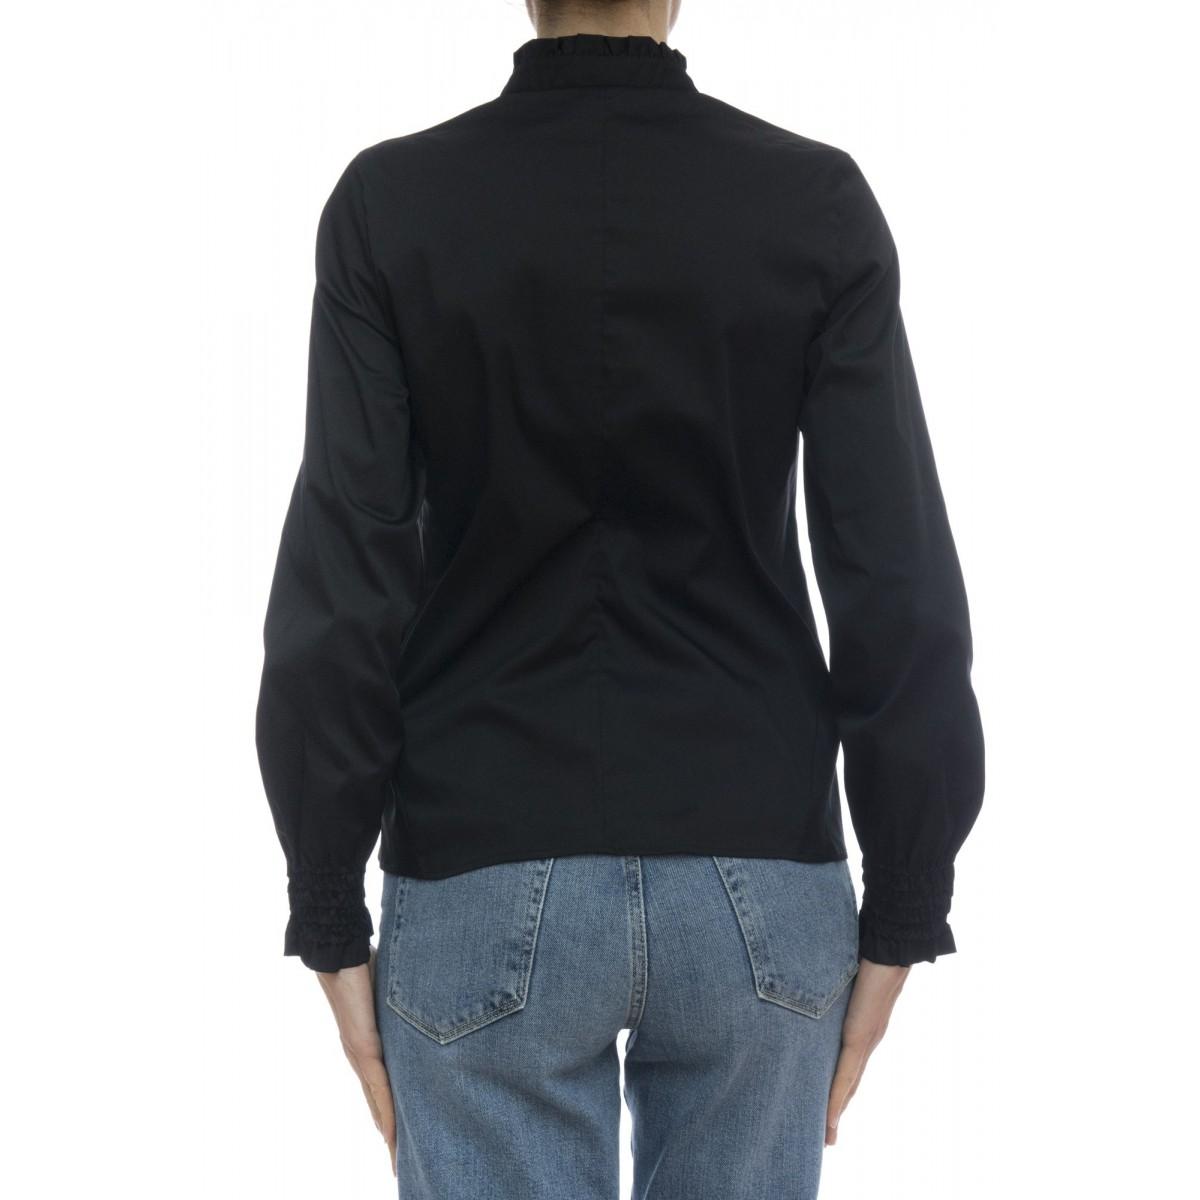 Camicia donna - Pga z0y rasatello cotone